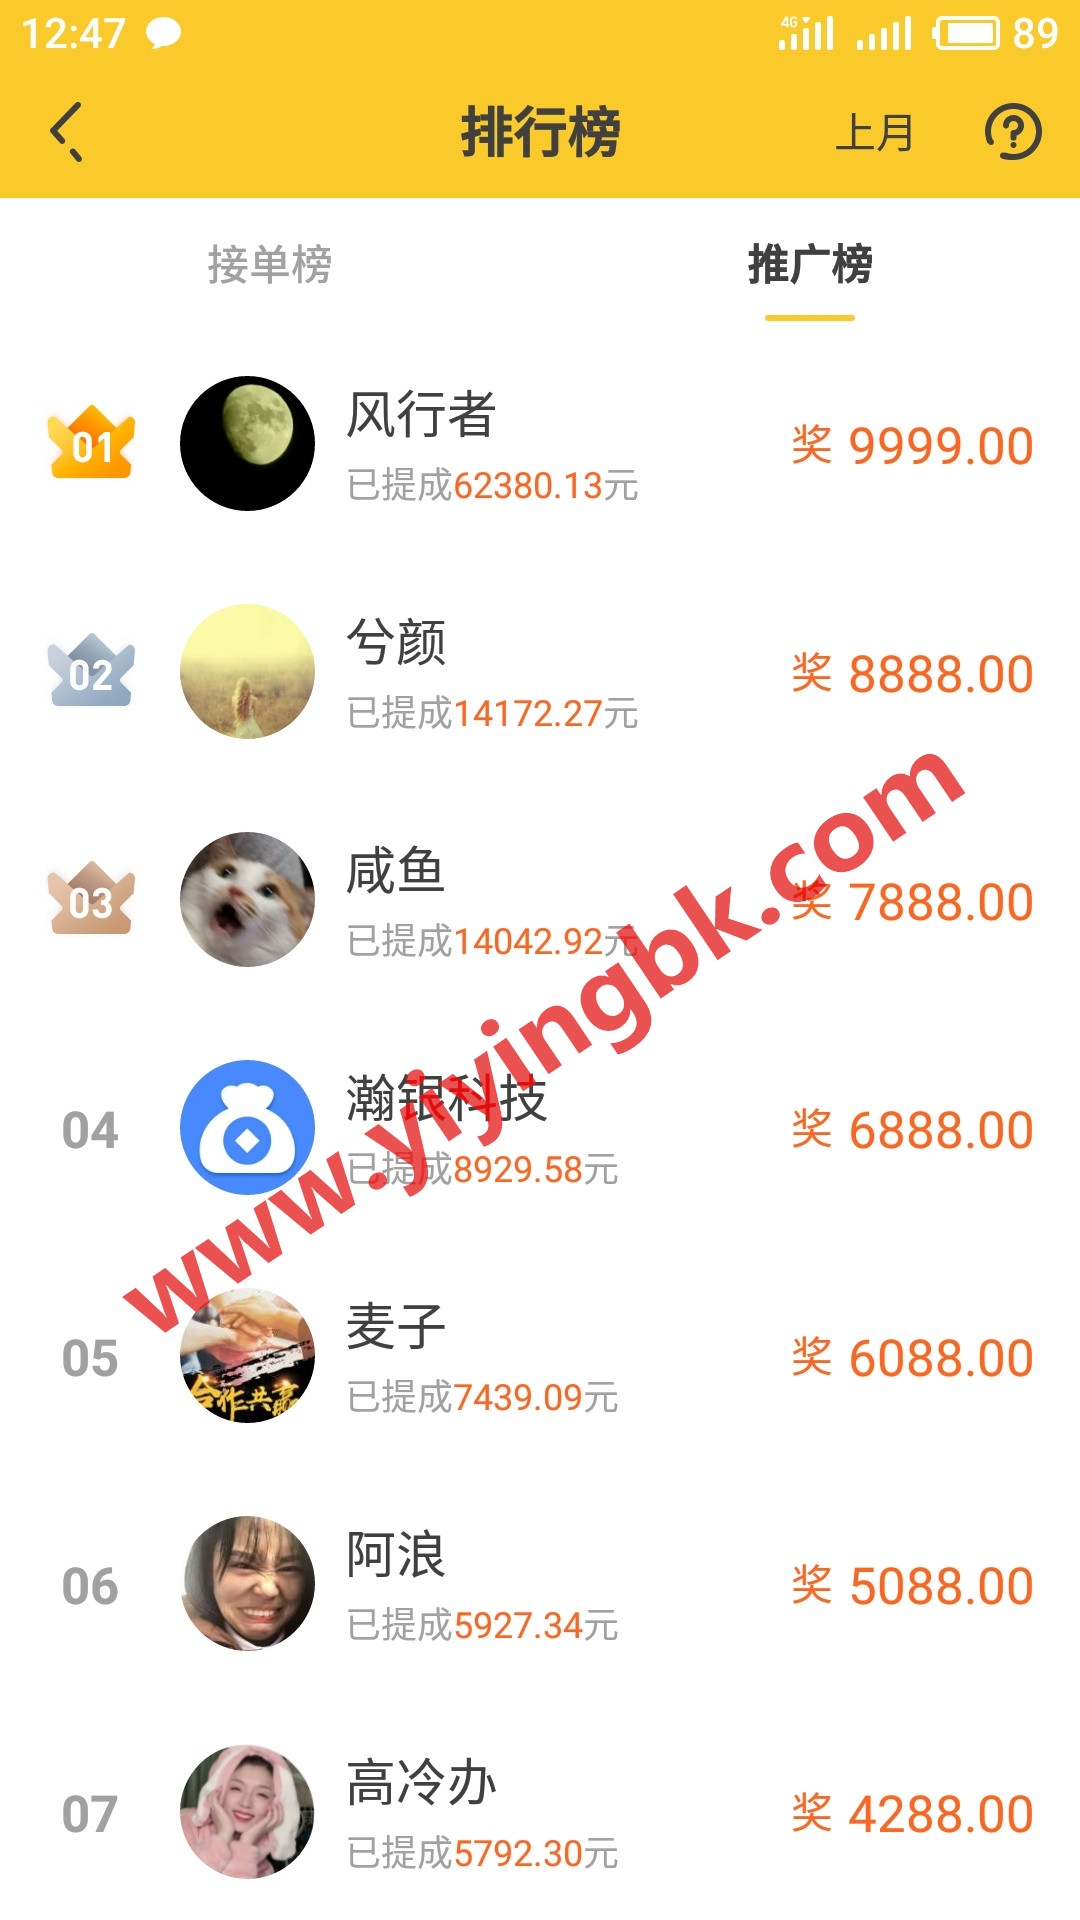 推广榜,手机免费赚钱,微信和支付宝提现秒到账,www.yiyingbk.com